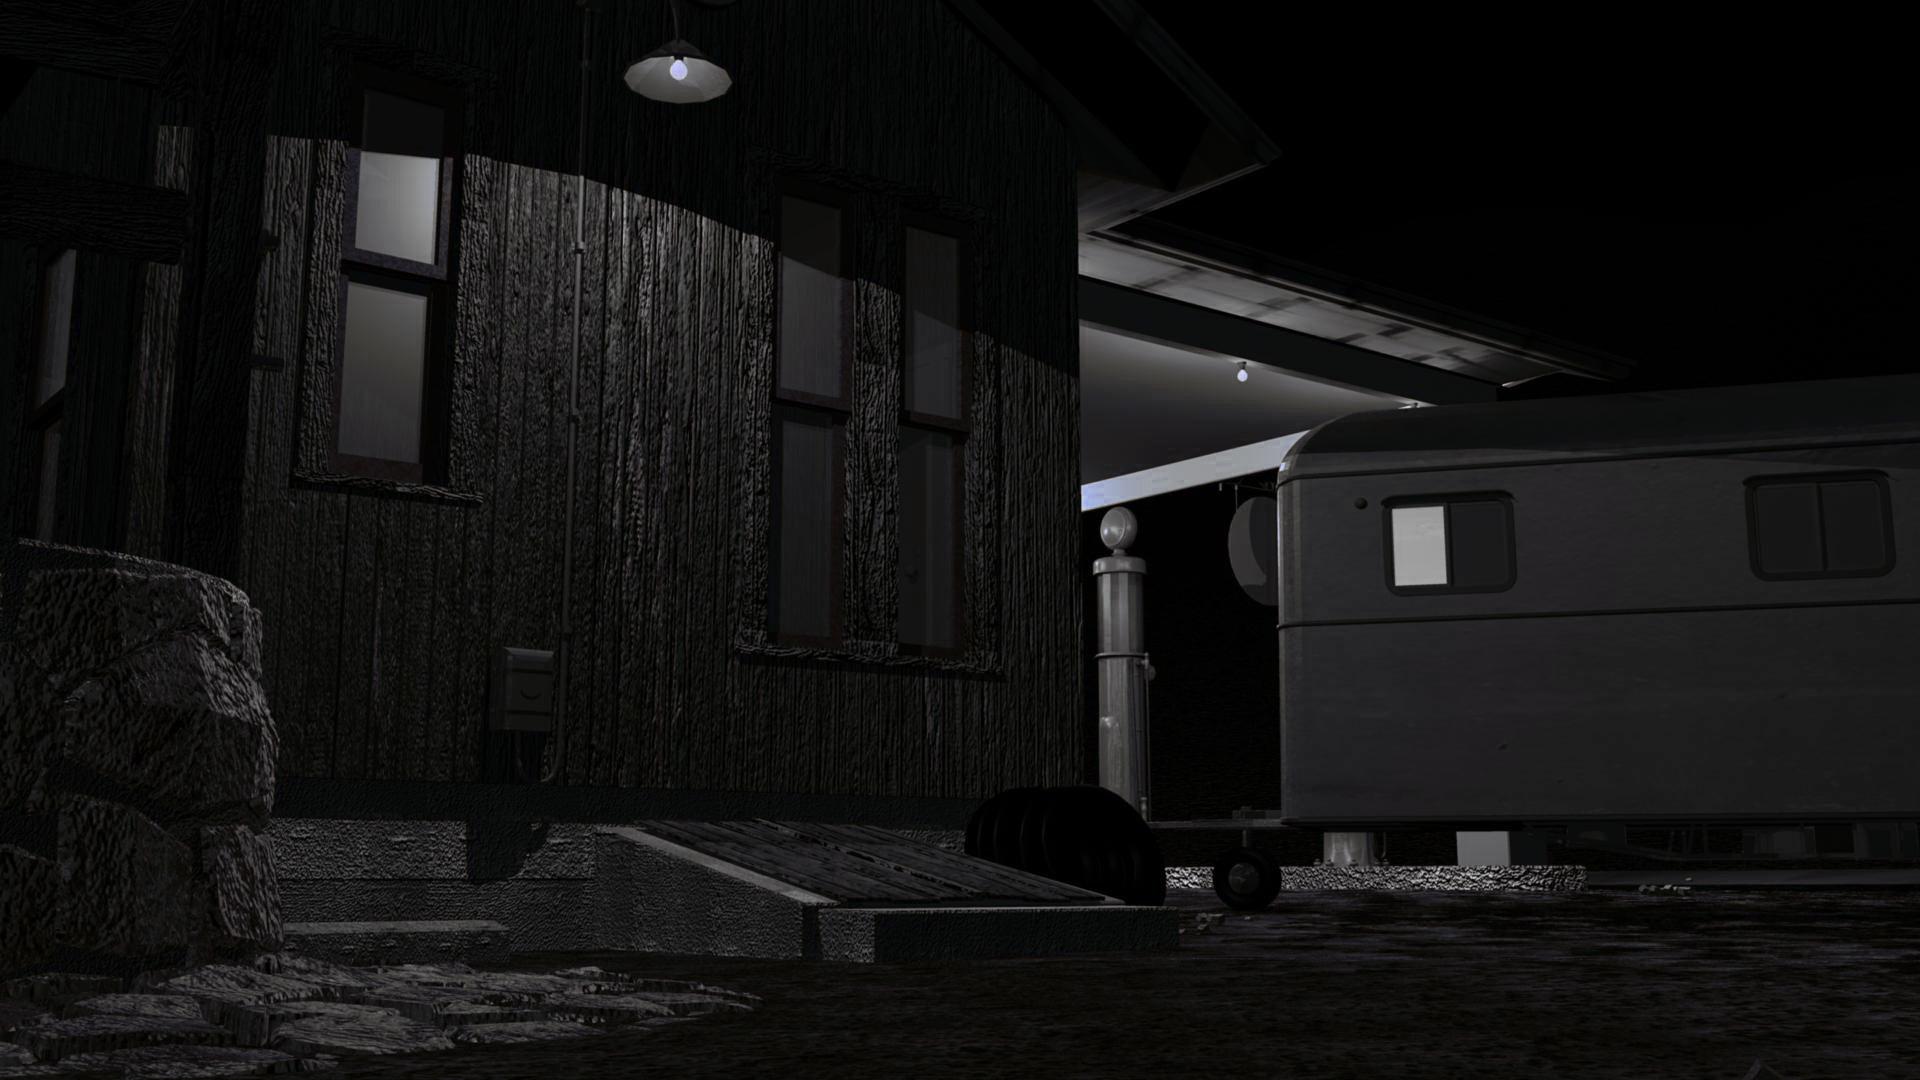 Dark Noir Wallpaper: Film Noir Wallpapers (58+ Pictures